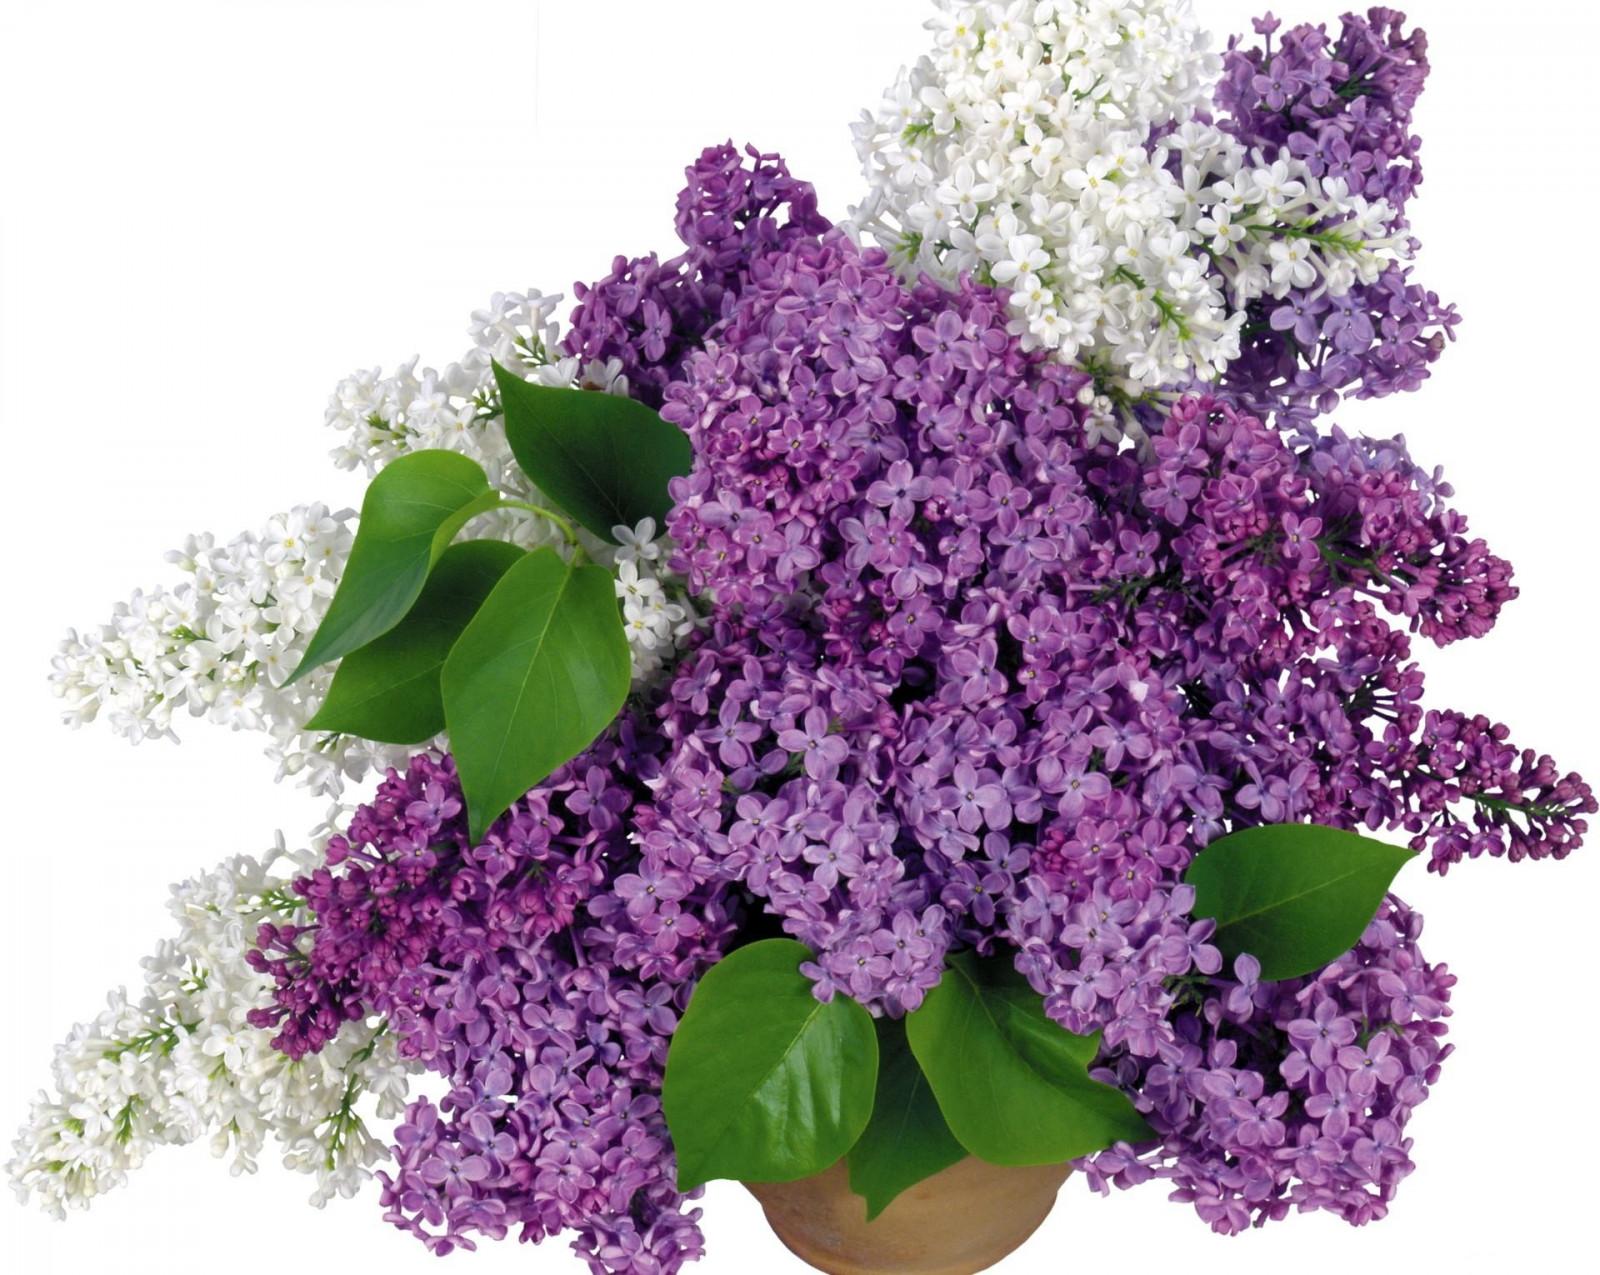 Hintergrundbilder : Flieder, Blühen, Strauß, Vase, Weiß